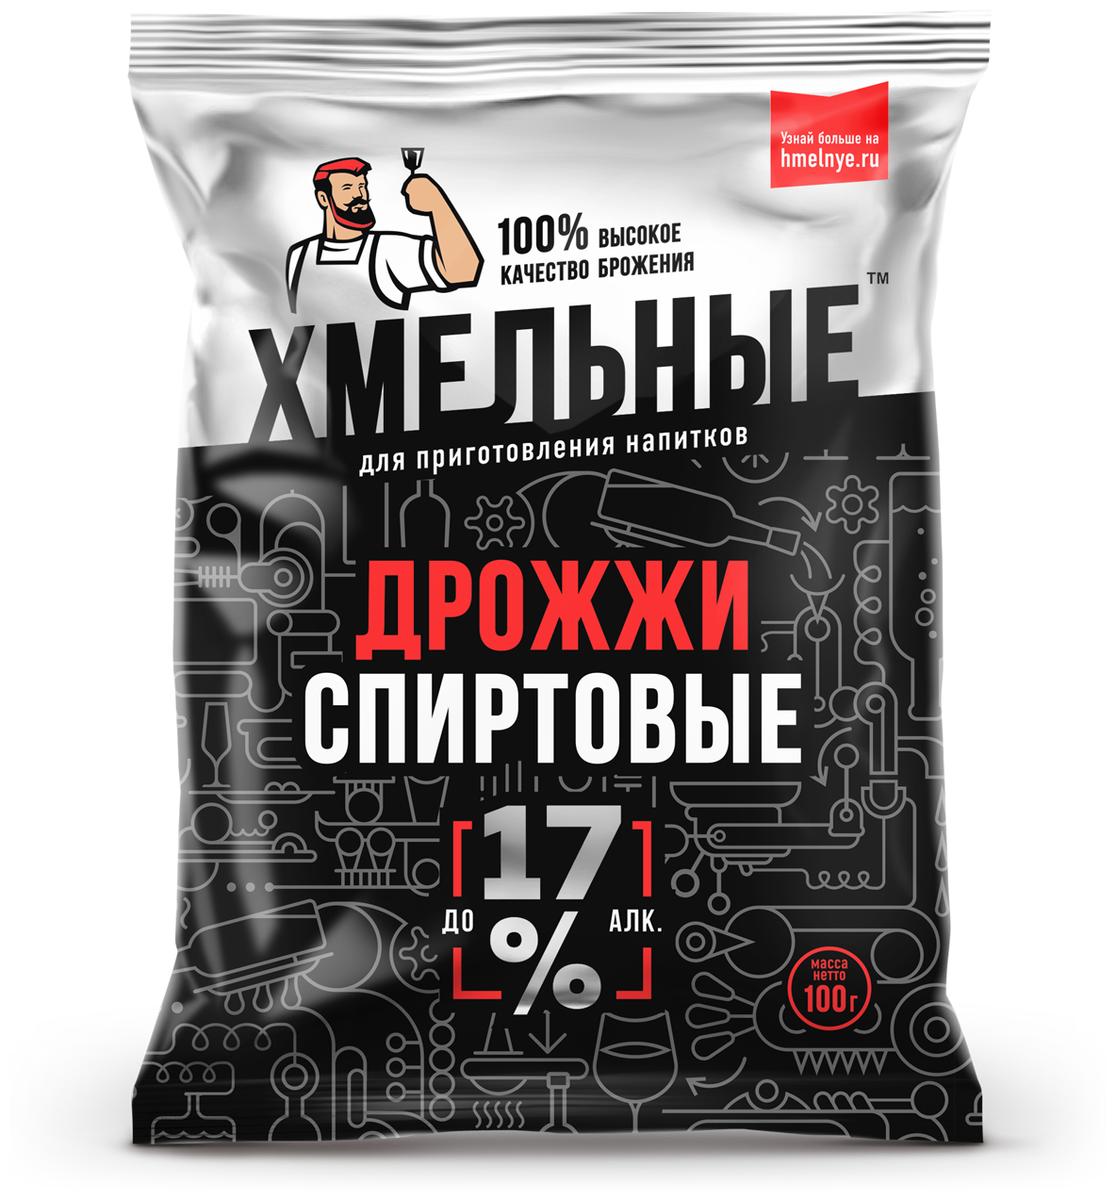 Обзоры модели Дрожжи спиртовые Хмельные, 100 г. 10 пачек. на Яндекс.Маркете